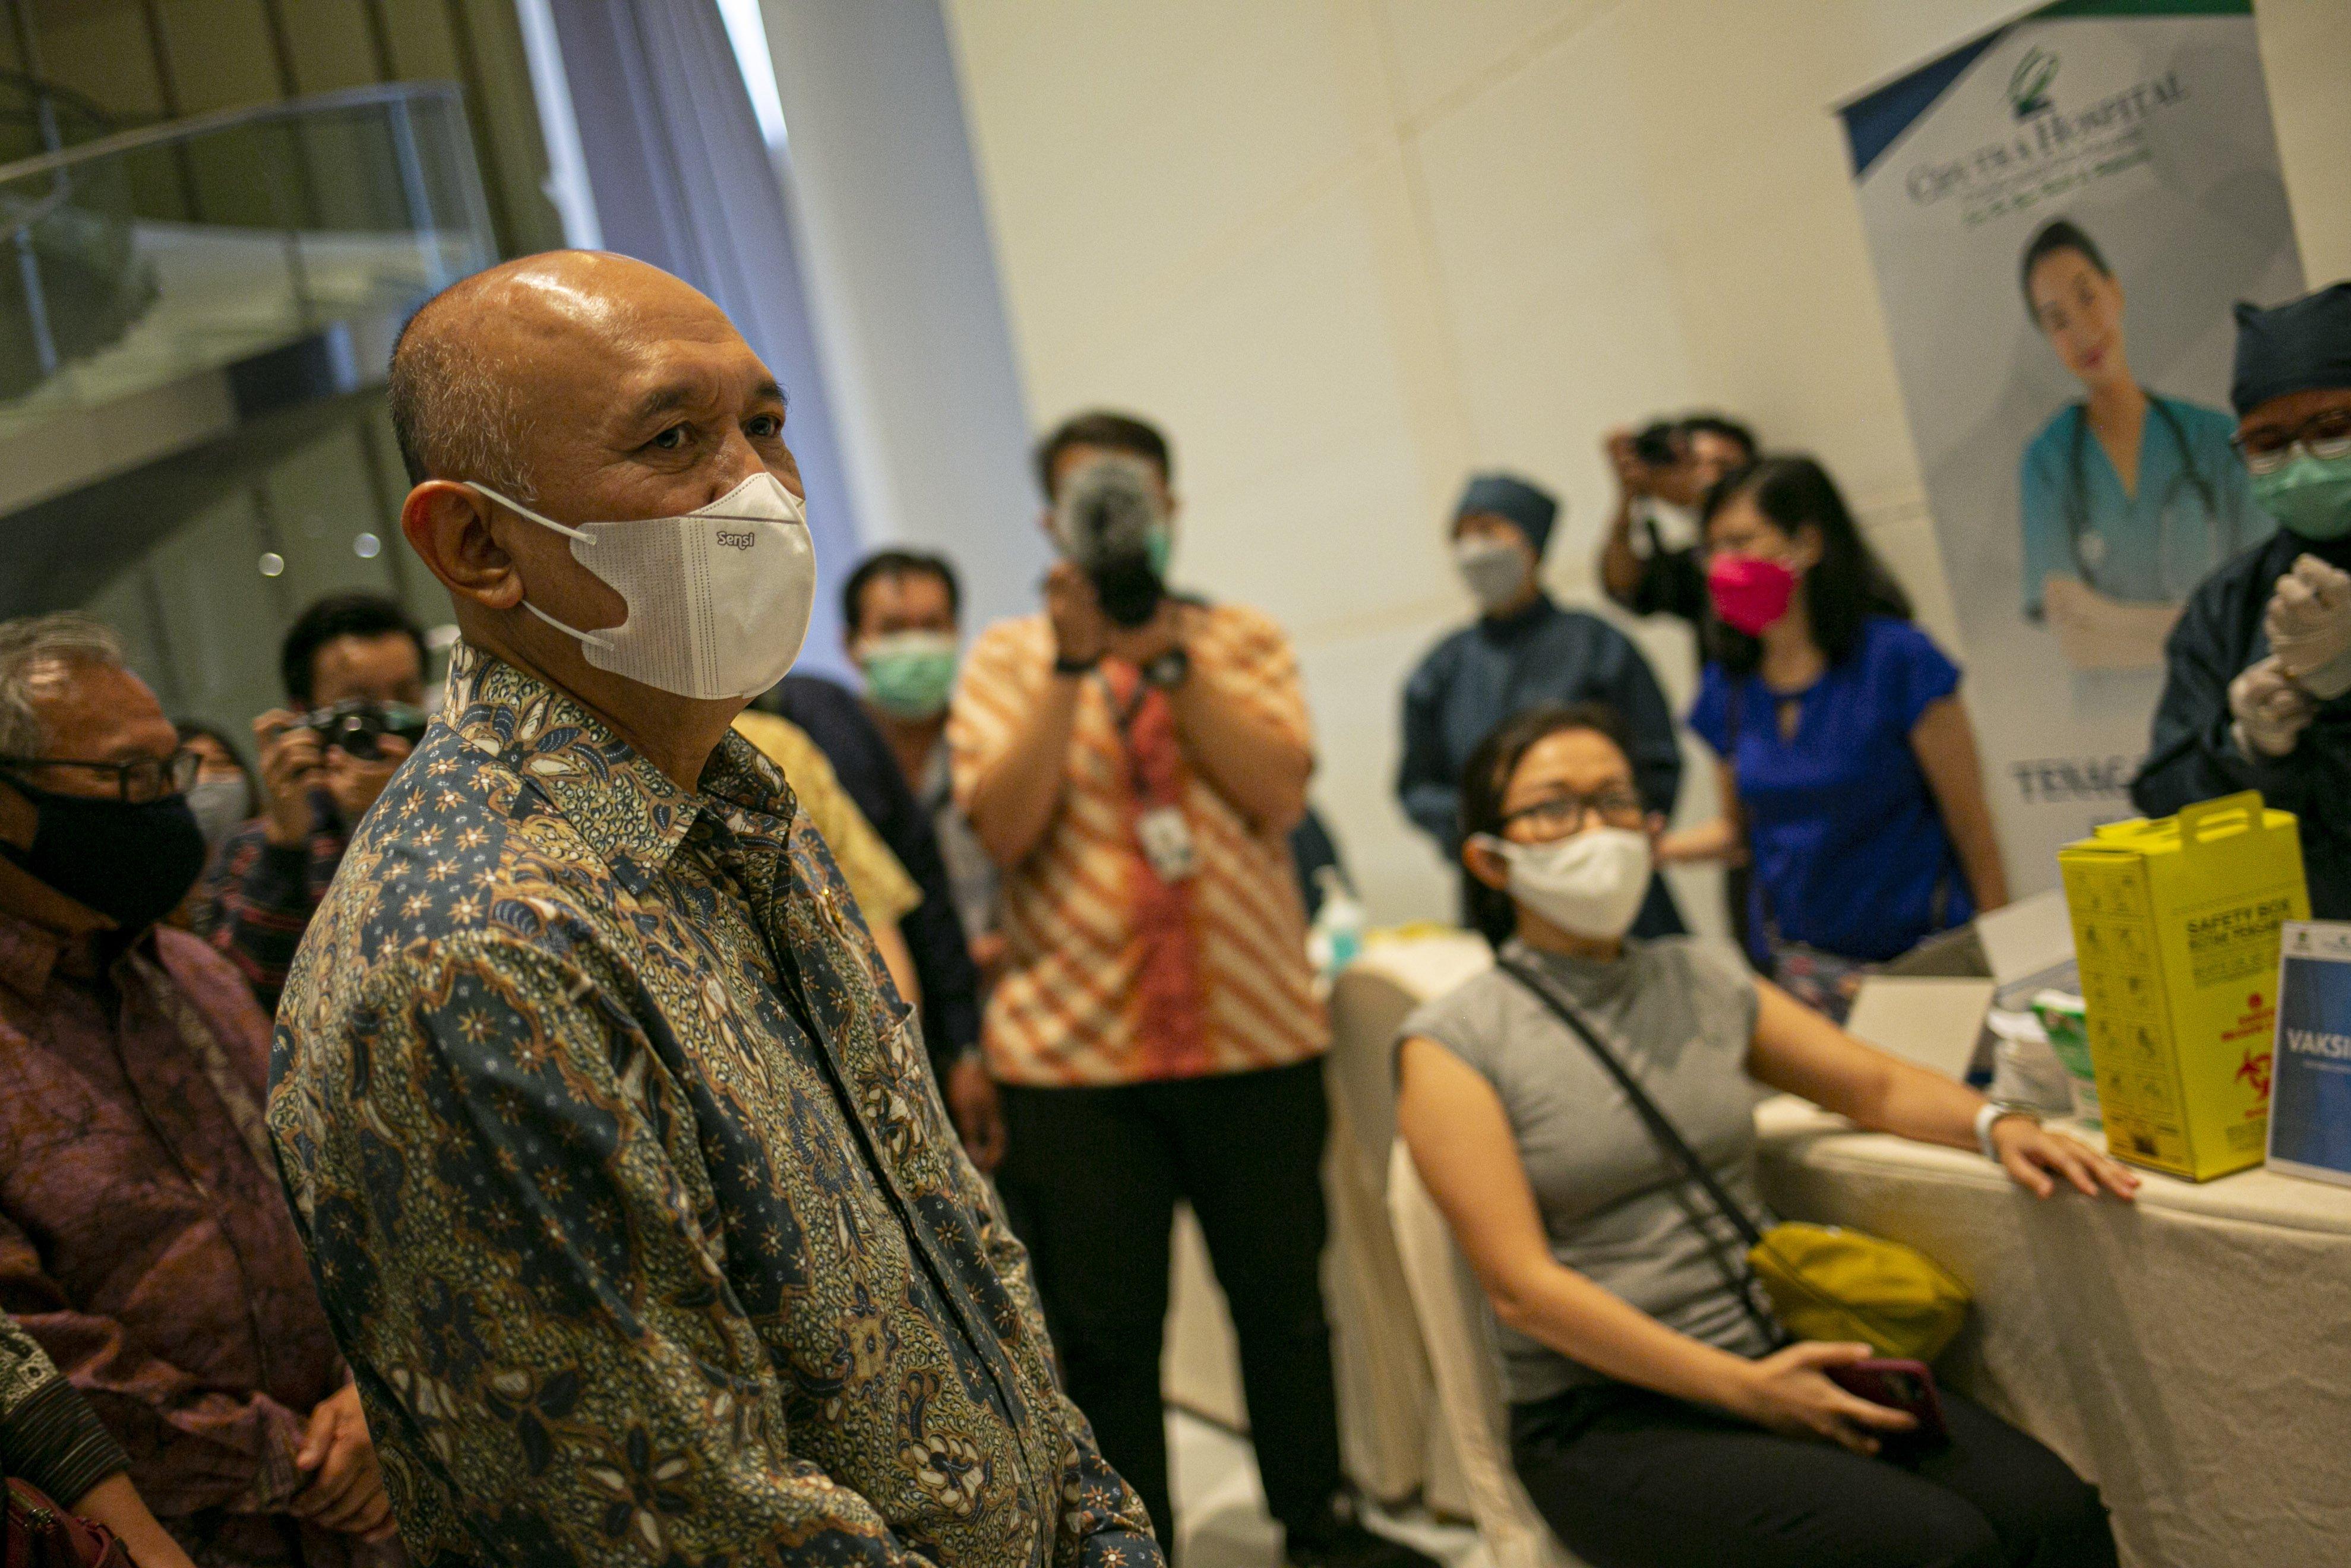 Menteri Koperasi dan UKM, Teten Masduki (Tengah) meninjau vaksinasi Pelaku Usaha Mikro Kecil Menengah (UMKM) di Ciputra Artpreneur, Jakarta Selatan, Kamis (1/4/2021). Vaksinasi massal diberikan kepada 1.500 pelaku UMKM mulai hari ini (14/1/2021) dengan target 250.000 pelaku UMKM di DKI Jakarta.